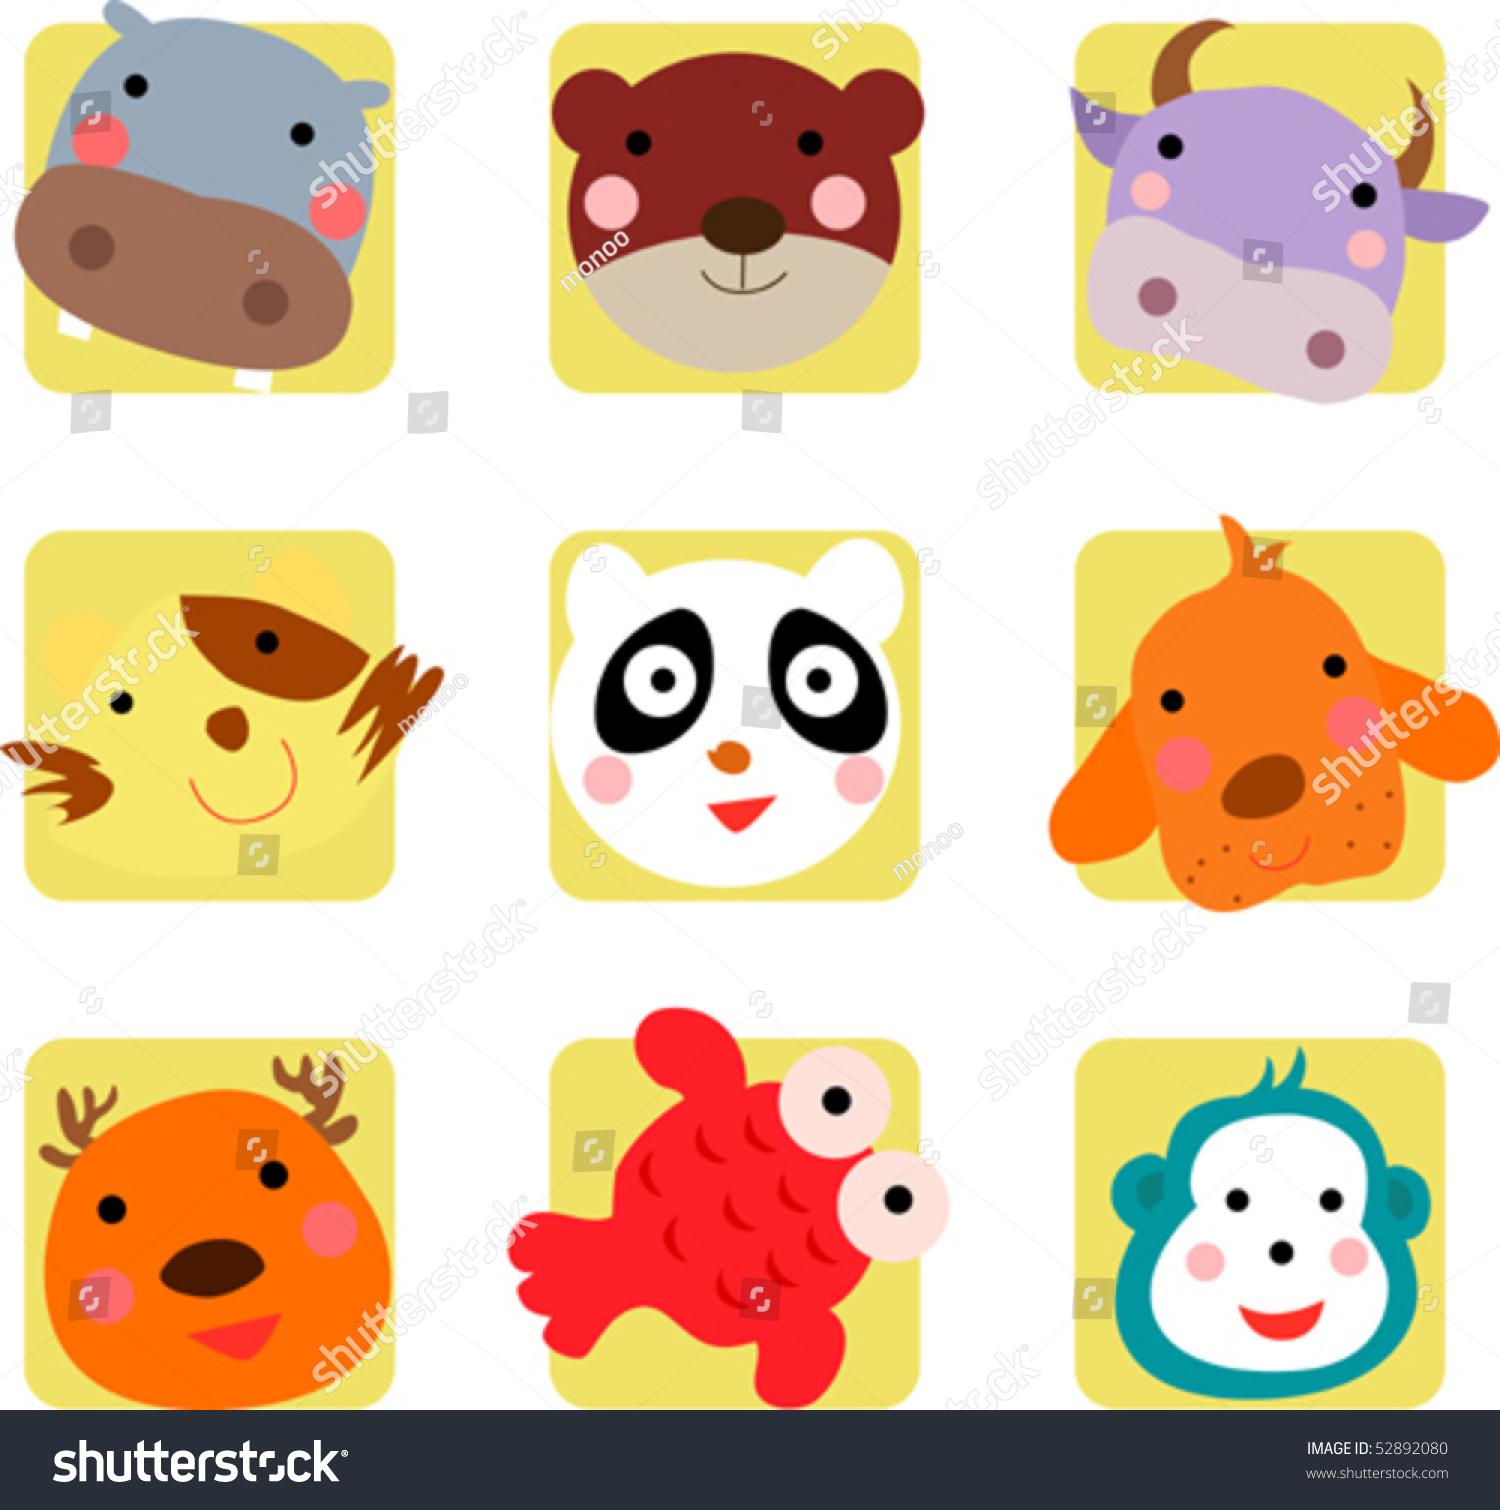 可爱动物图标-动物/野生生物